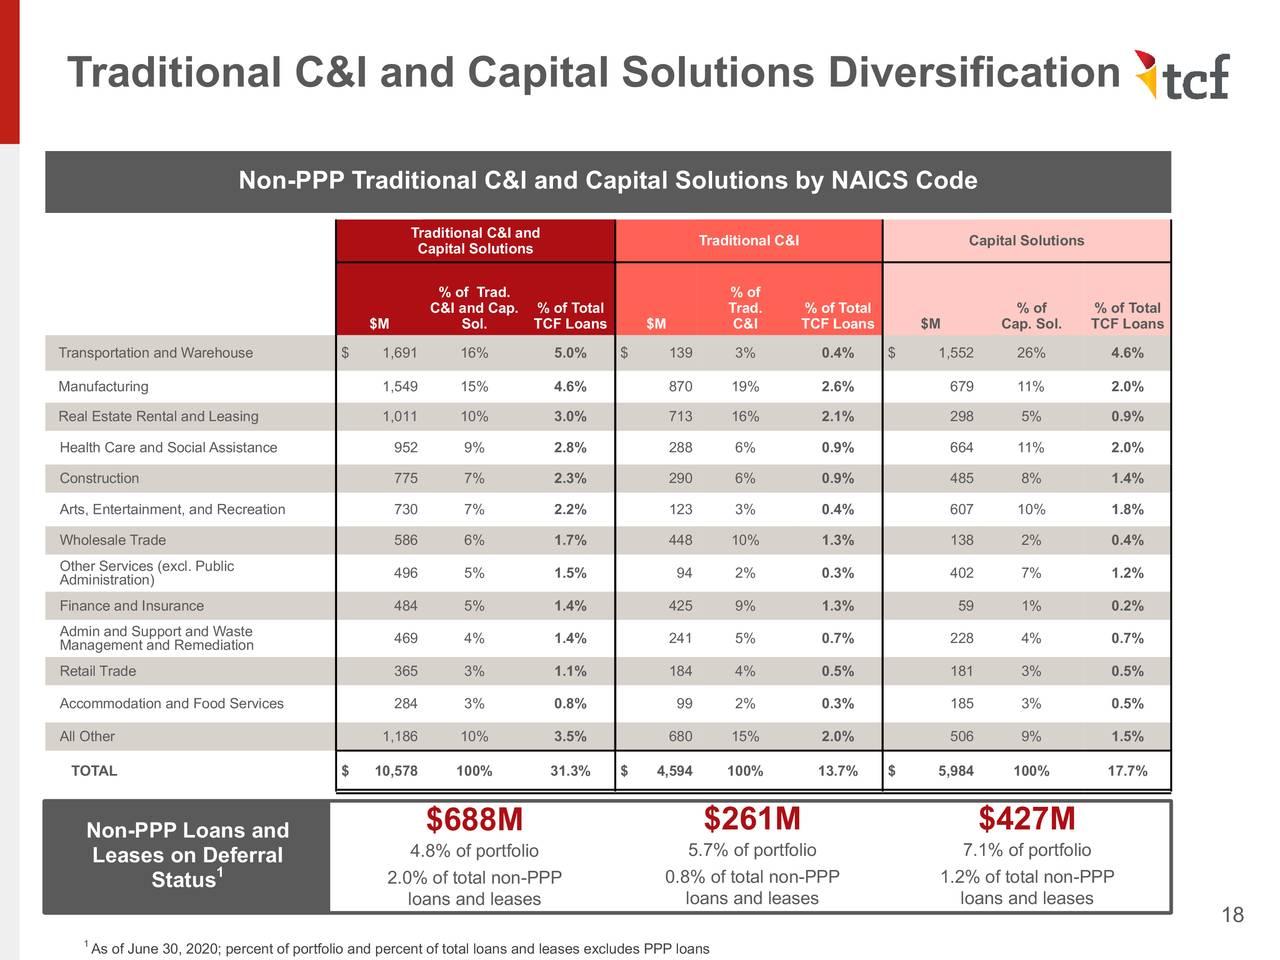 Diversificación tradicional de C&I y soluciones de capital